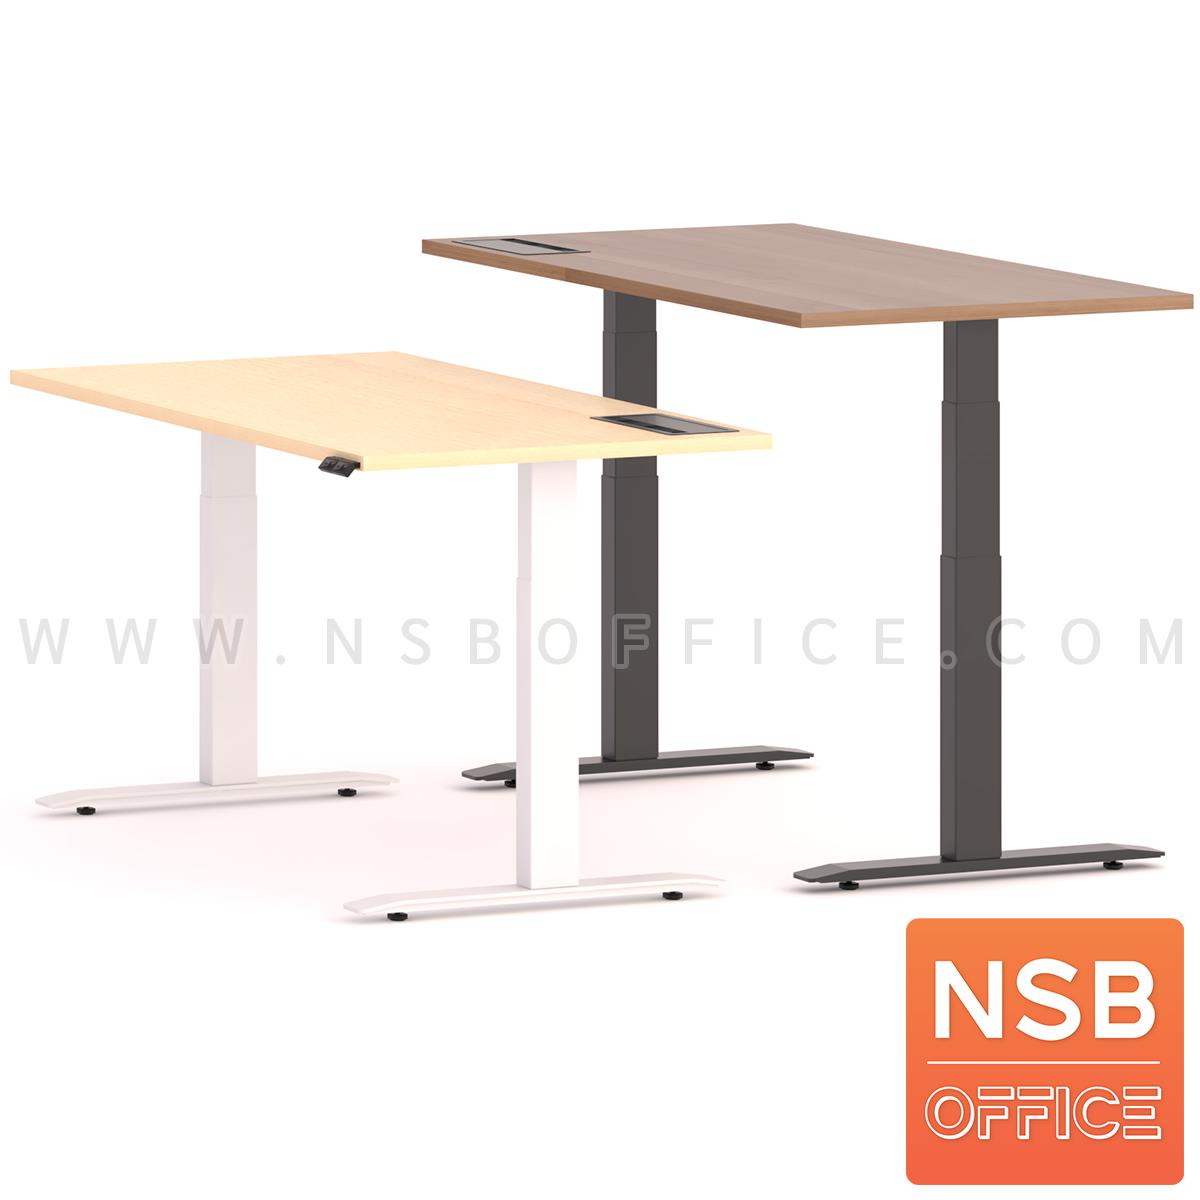 โต๊ะทำงานปรับระดับ Sit 2 Stand ระบบไฟฟ้า รุ่น Flaxen 3 (แฟลกซ์เซ็น 3) ขนาด 150W, 180W cm.  พร้อมป็อปอัพรุ่น A24A057